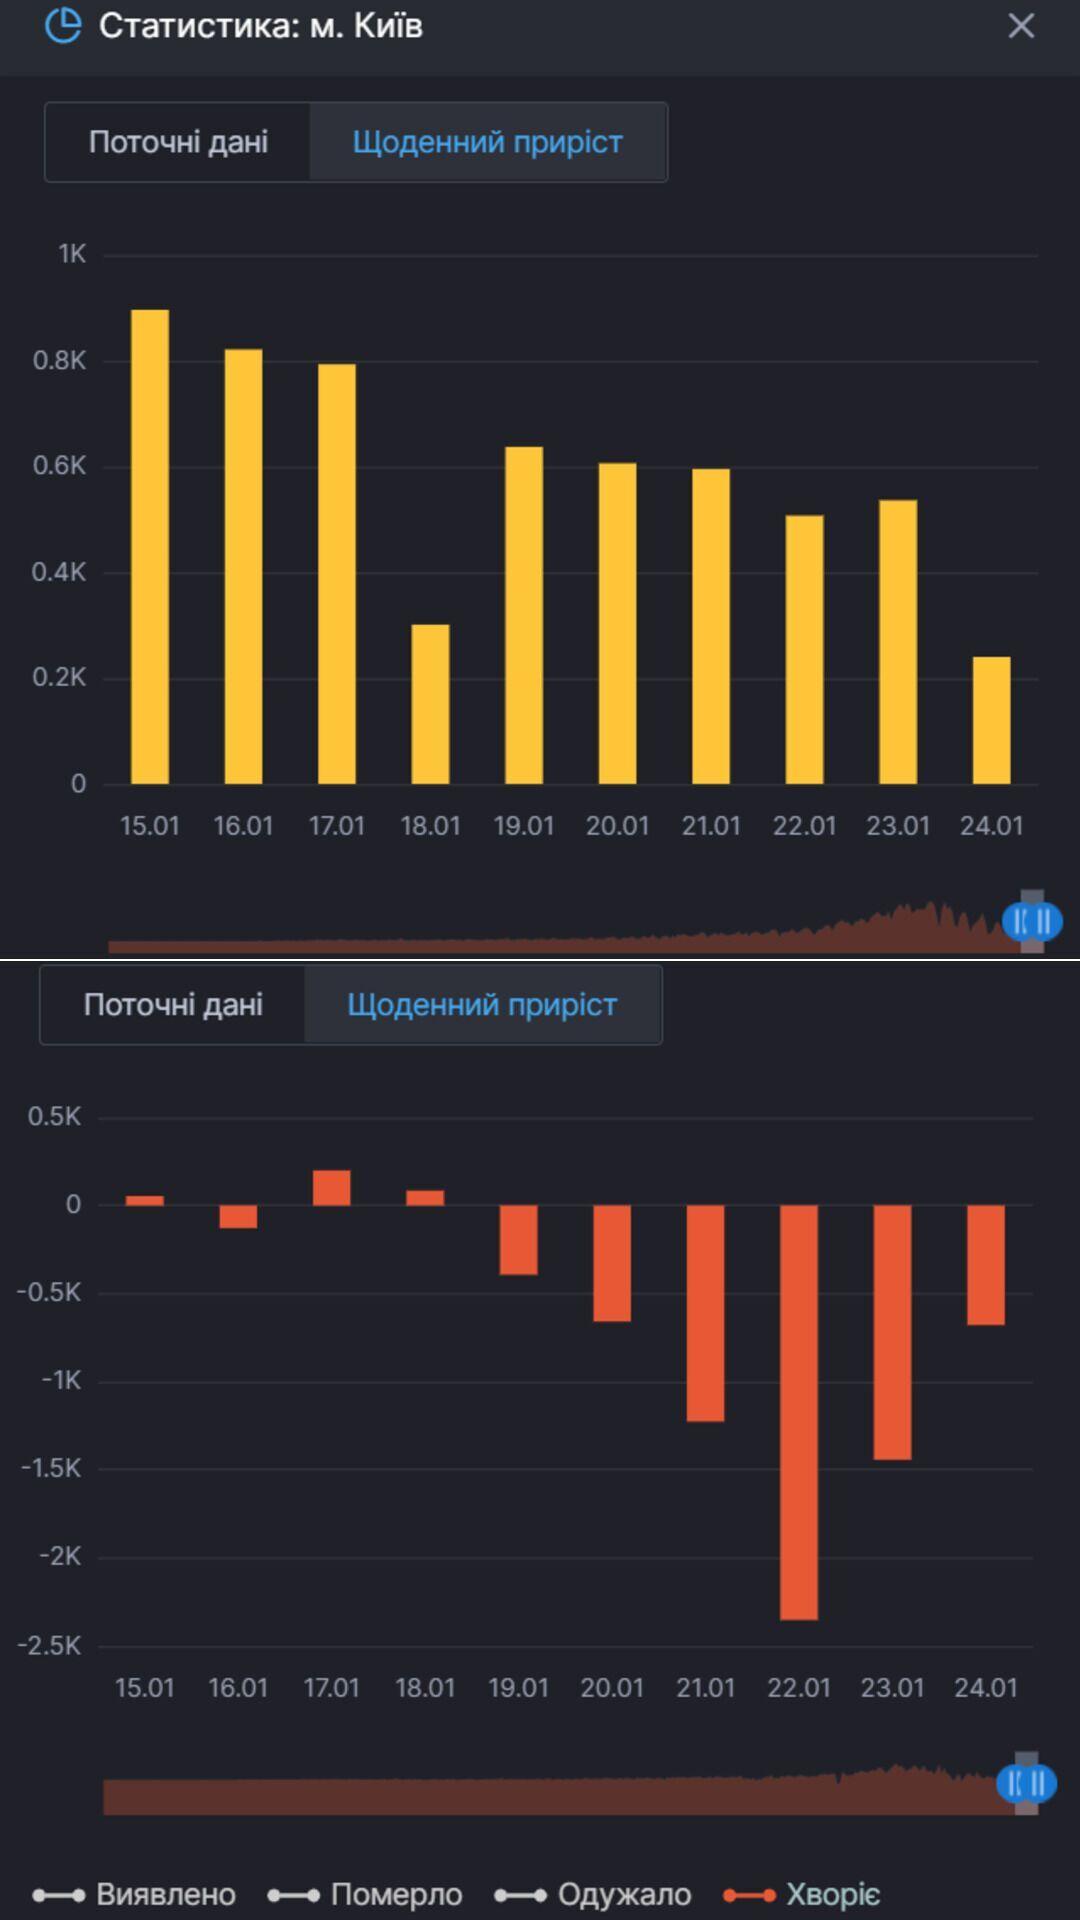 Прирост новых случаев COVID-19 в Киеве и тех, кто продолжает болеть им